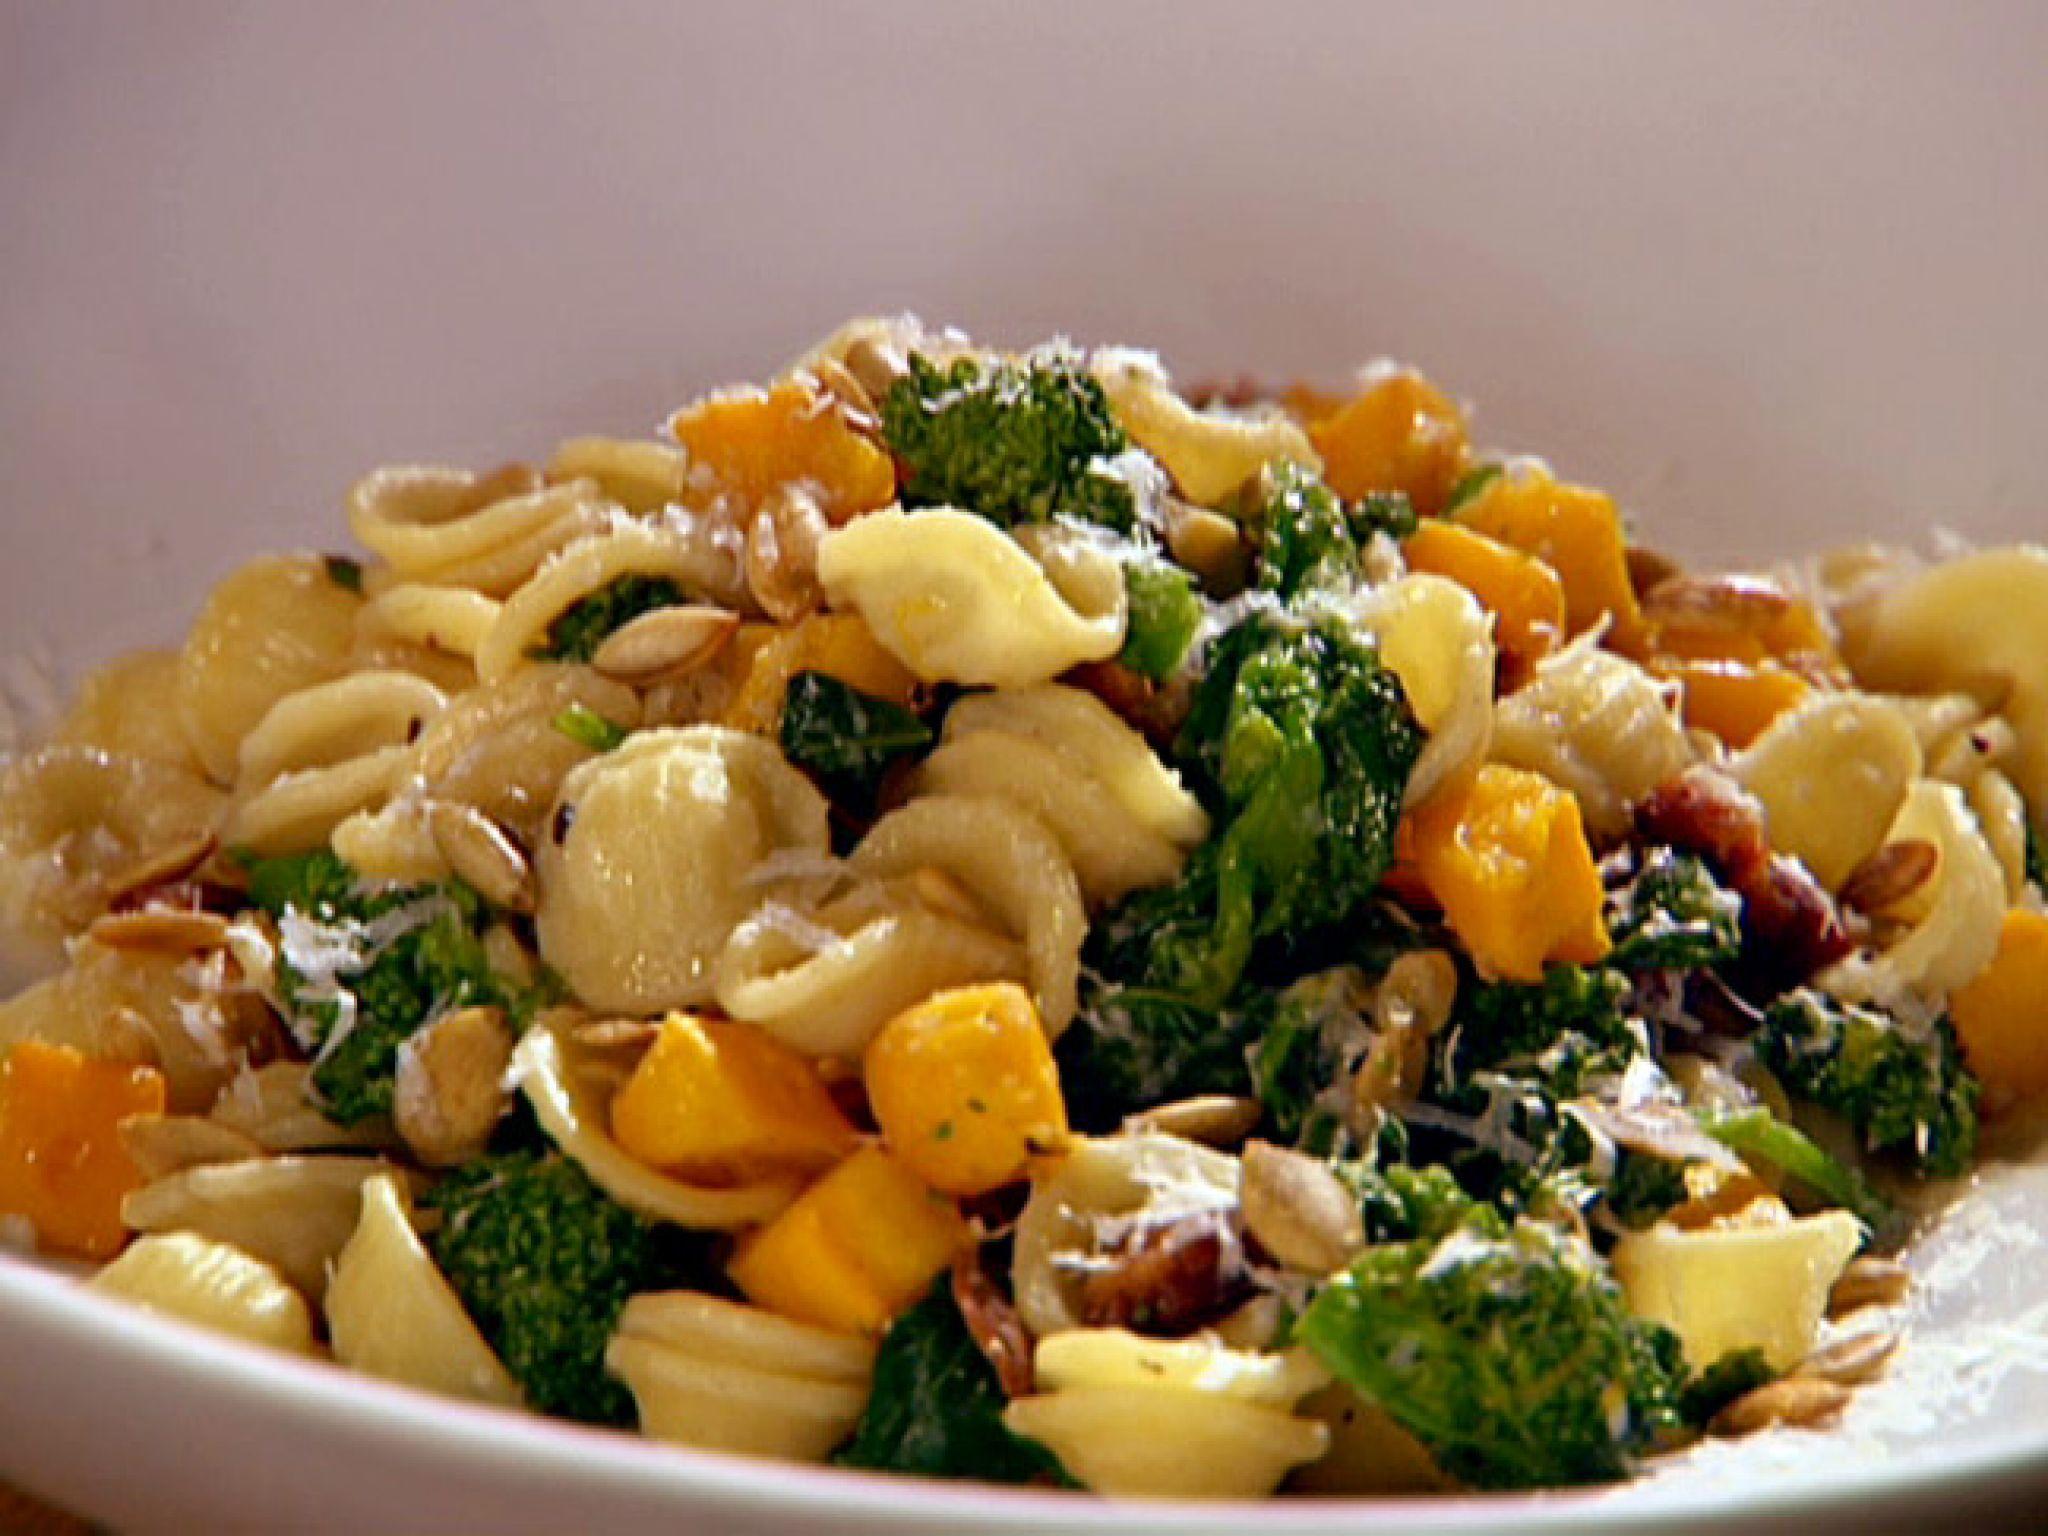 Brokolili Orecchiette tarifi